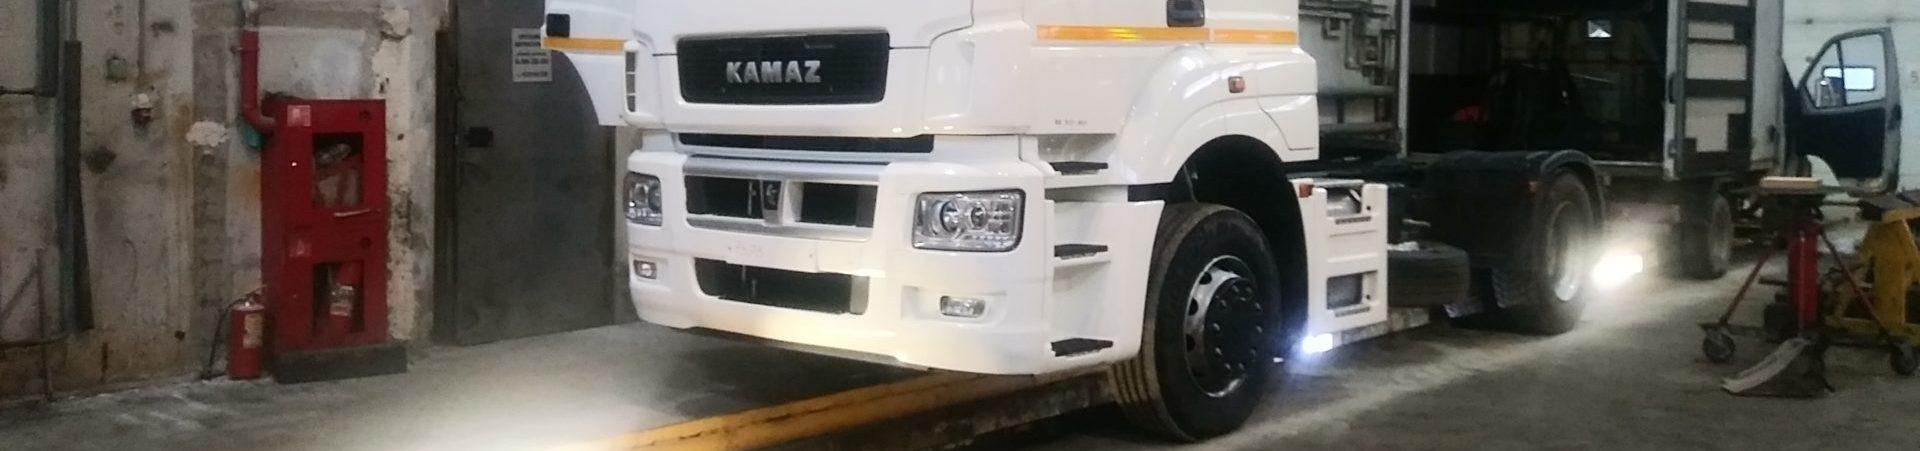 Обслуживание современных грузовых автомобилей, КАМАЗ NEO